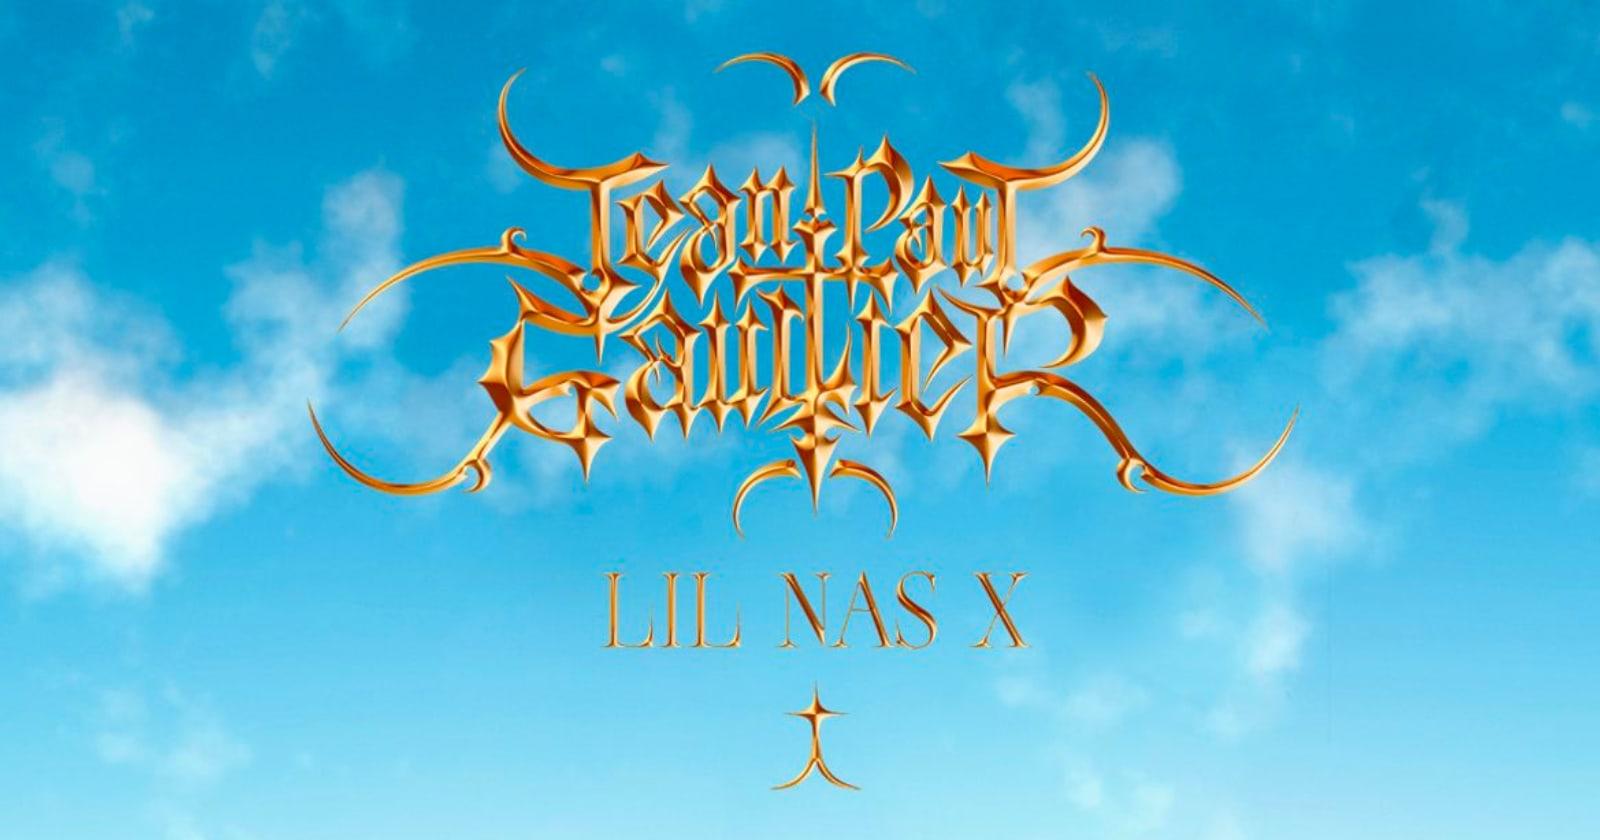 Jean Paul Gaultier x Lil Nas X